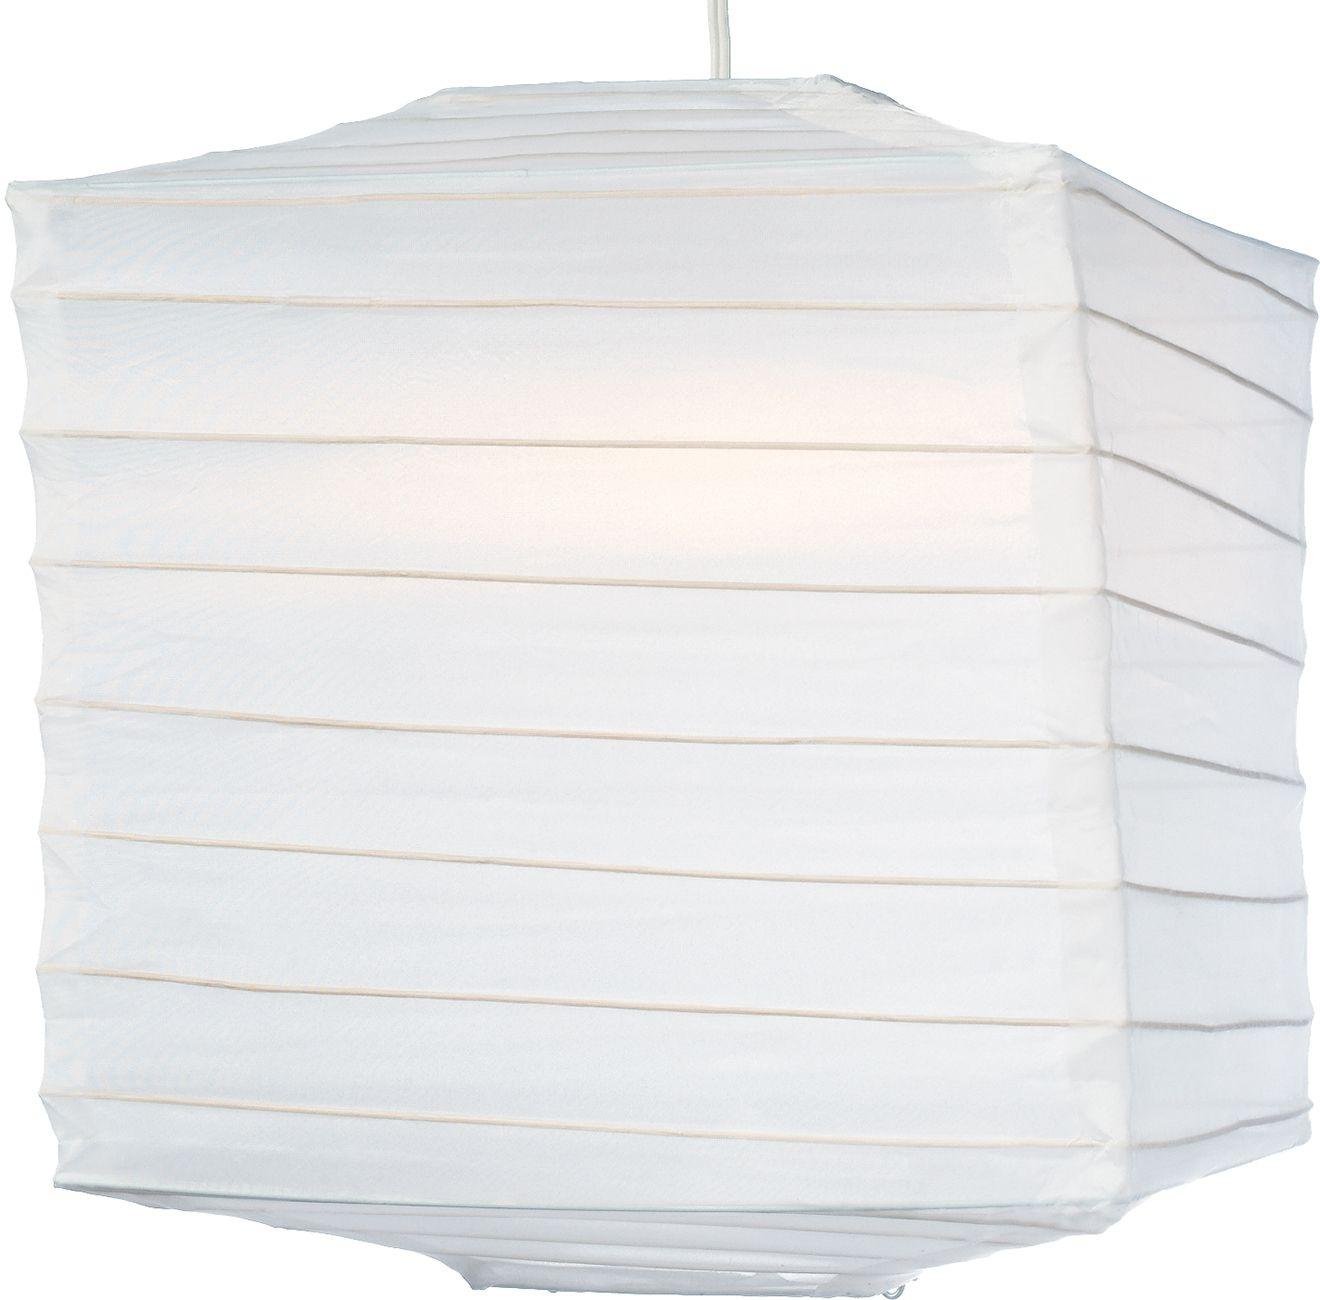 White 10 Inch Square Outdoor Nylon Lantern   Luna Bazaar With Regard To Outdoor Nylon Lanterns (Photo 11 of 20)